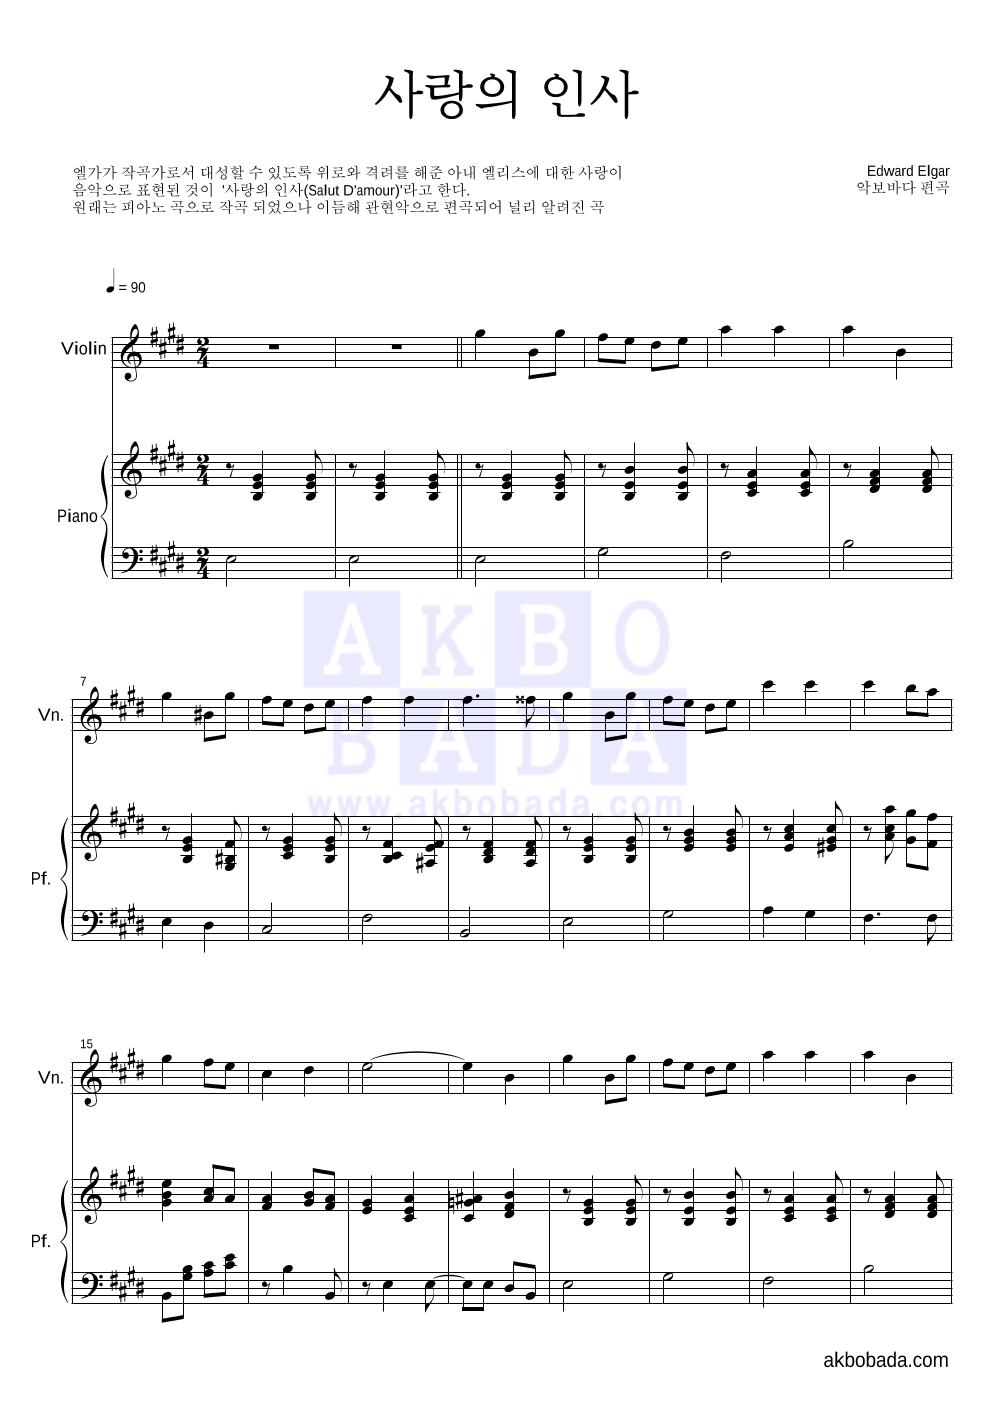 엘가 - 사랑의 인사 바이올린&피아노 악보